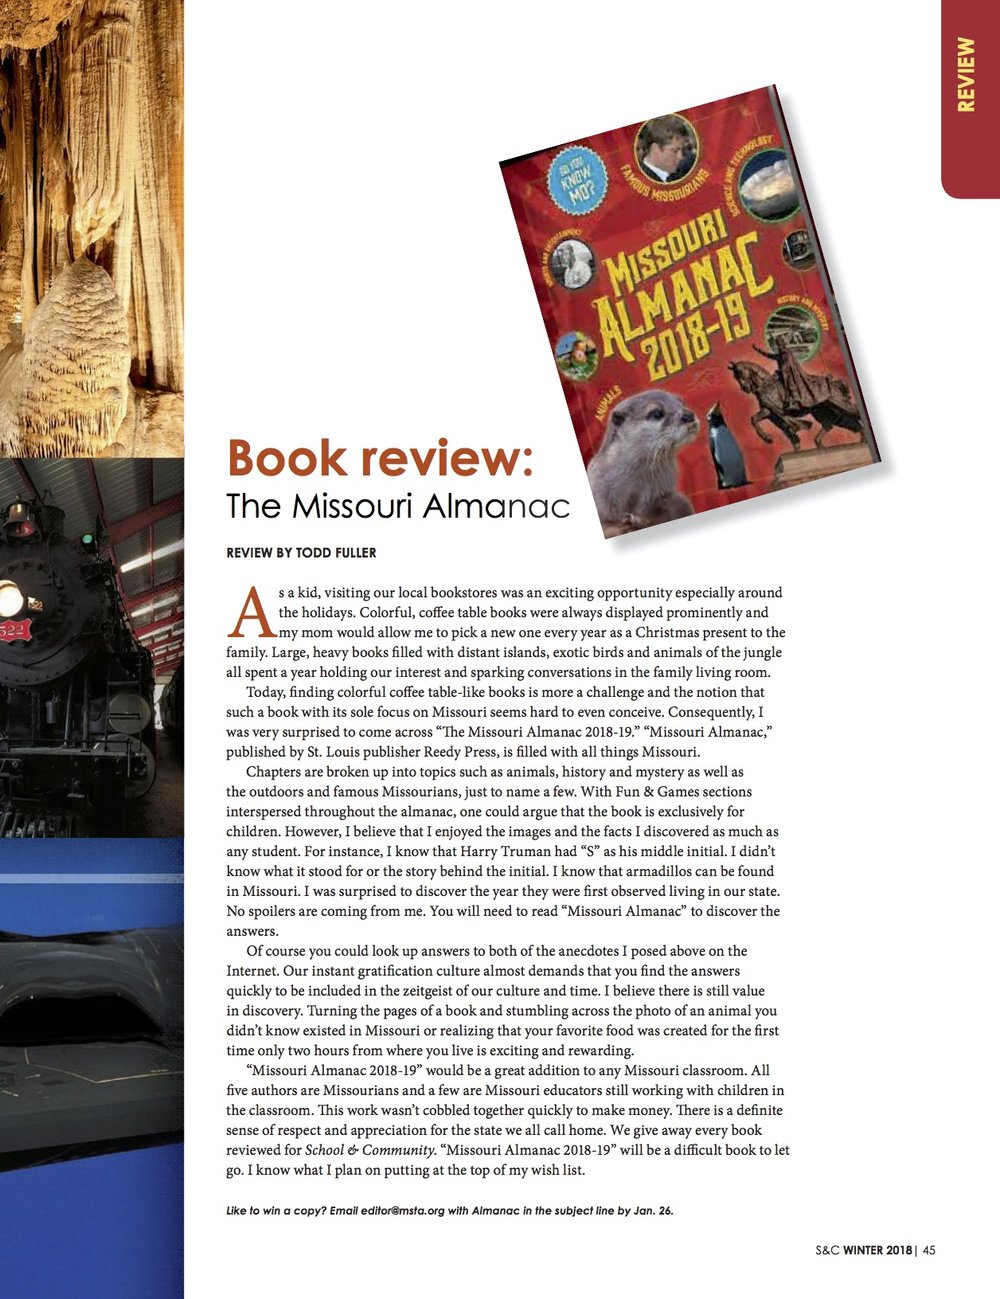 SchoolAndCommunityMagazine.jpg